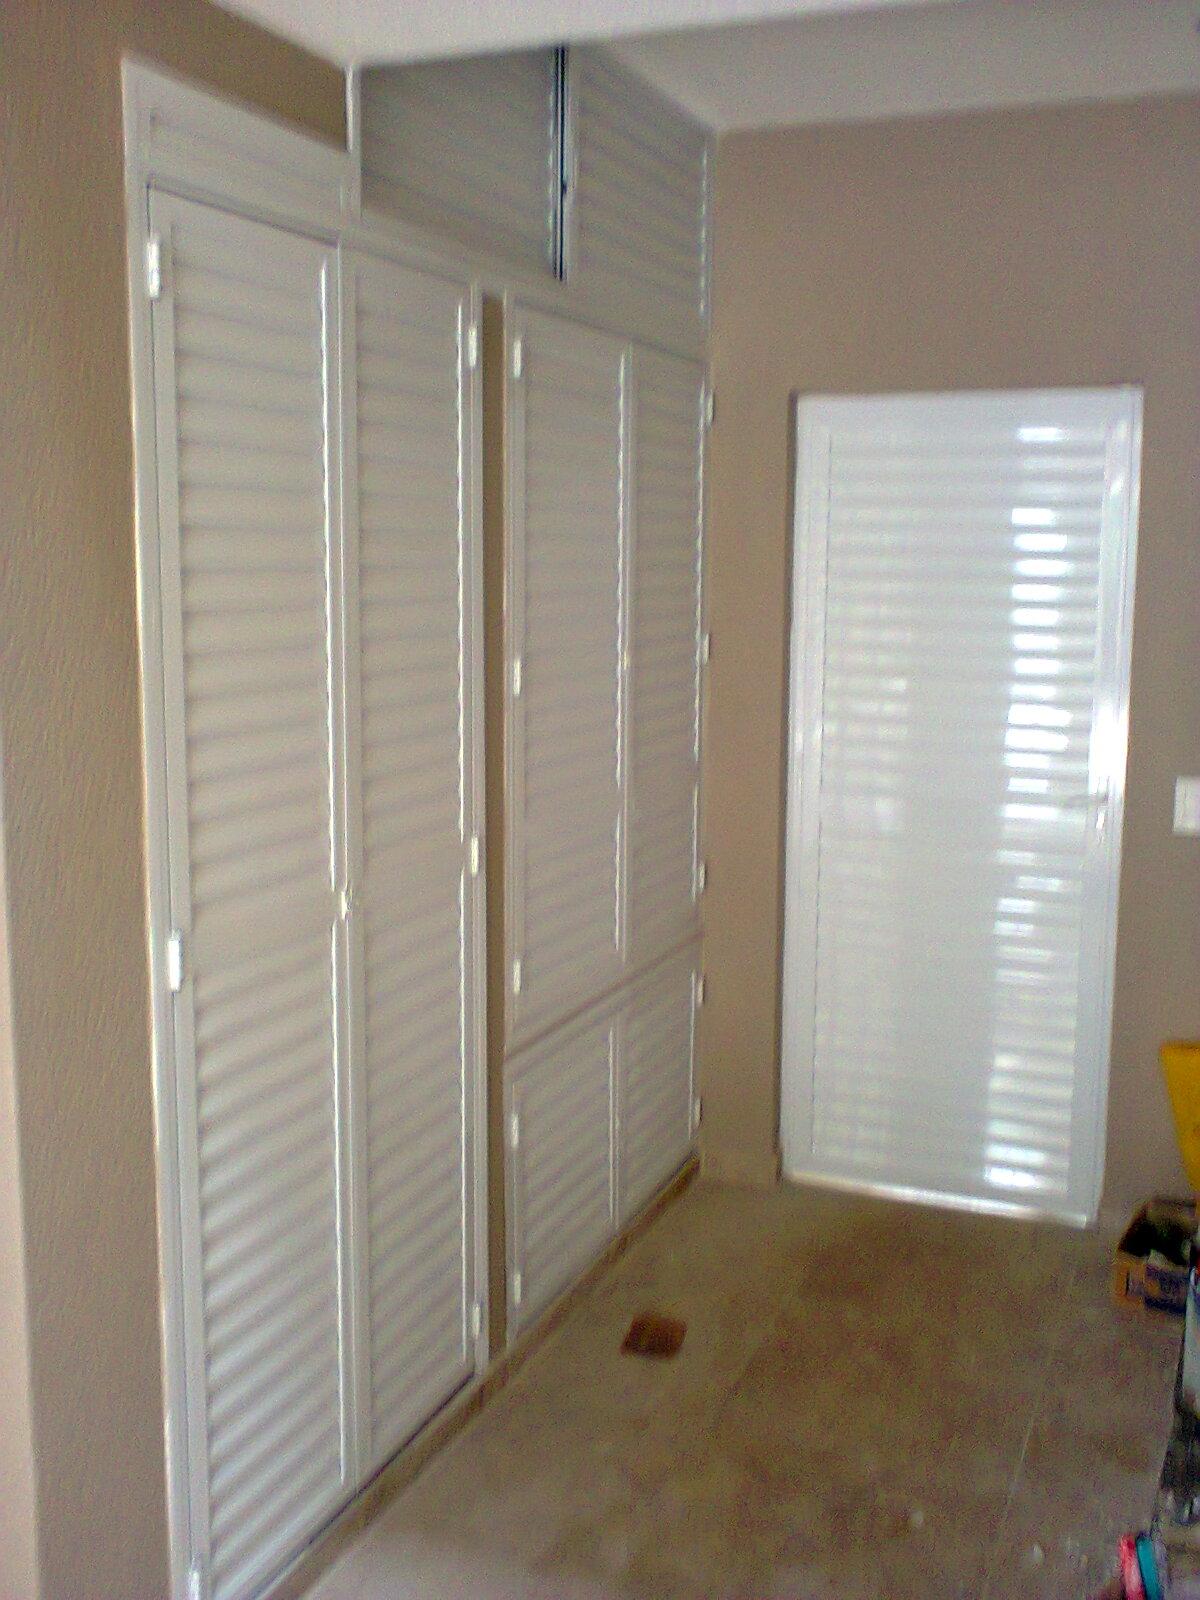 #614B34 portas e janelas de alumínio armários gabinetes e corrimão de 700 Janelas Venezianas De Aluminio Sob Medida